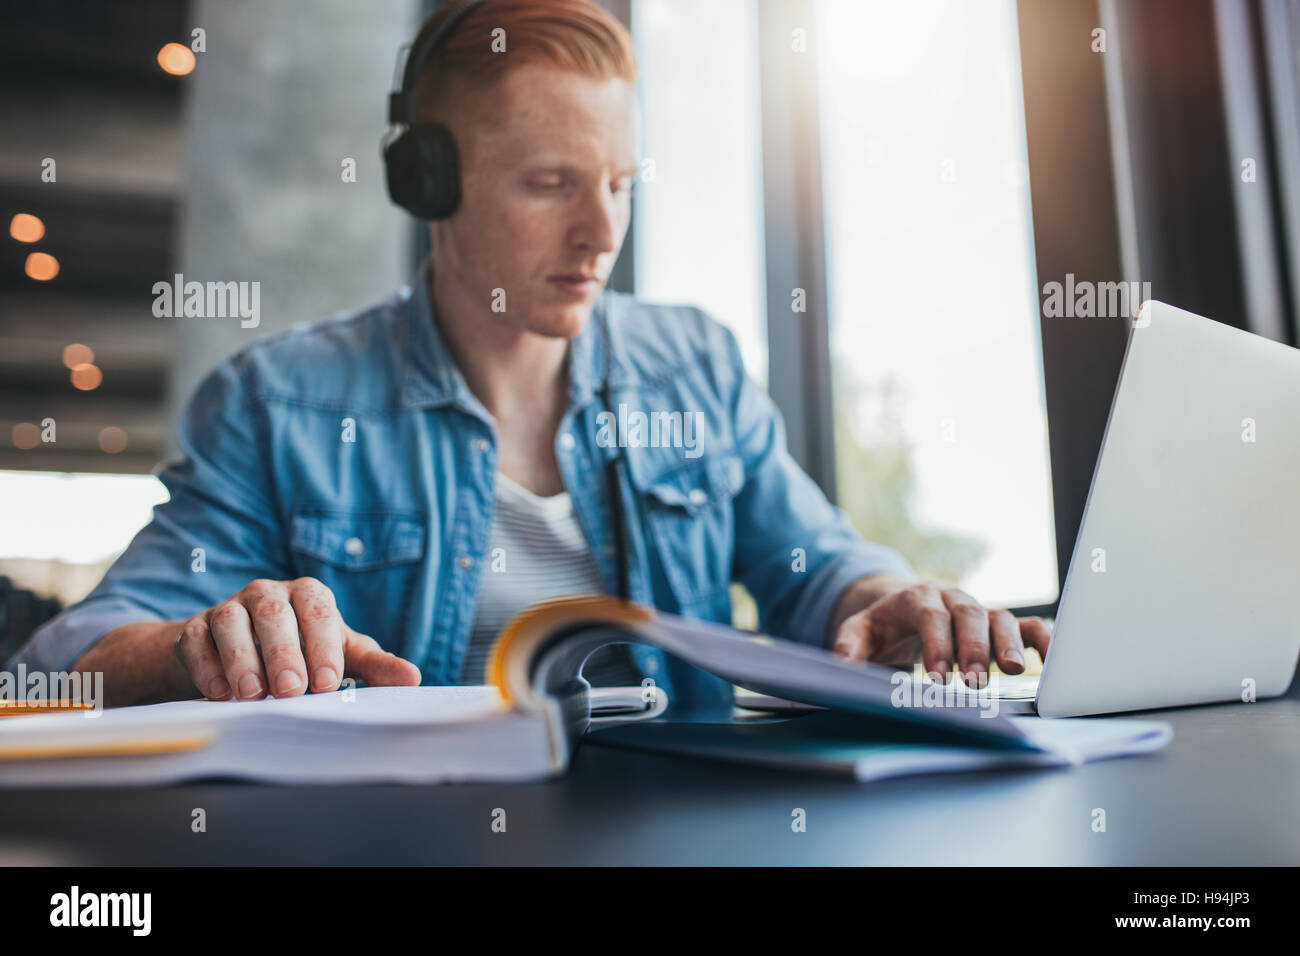 Piscine shot of male student studying in library à l'université. Jeune homme à l'aide d'ordinateur Photo Stock